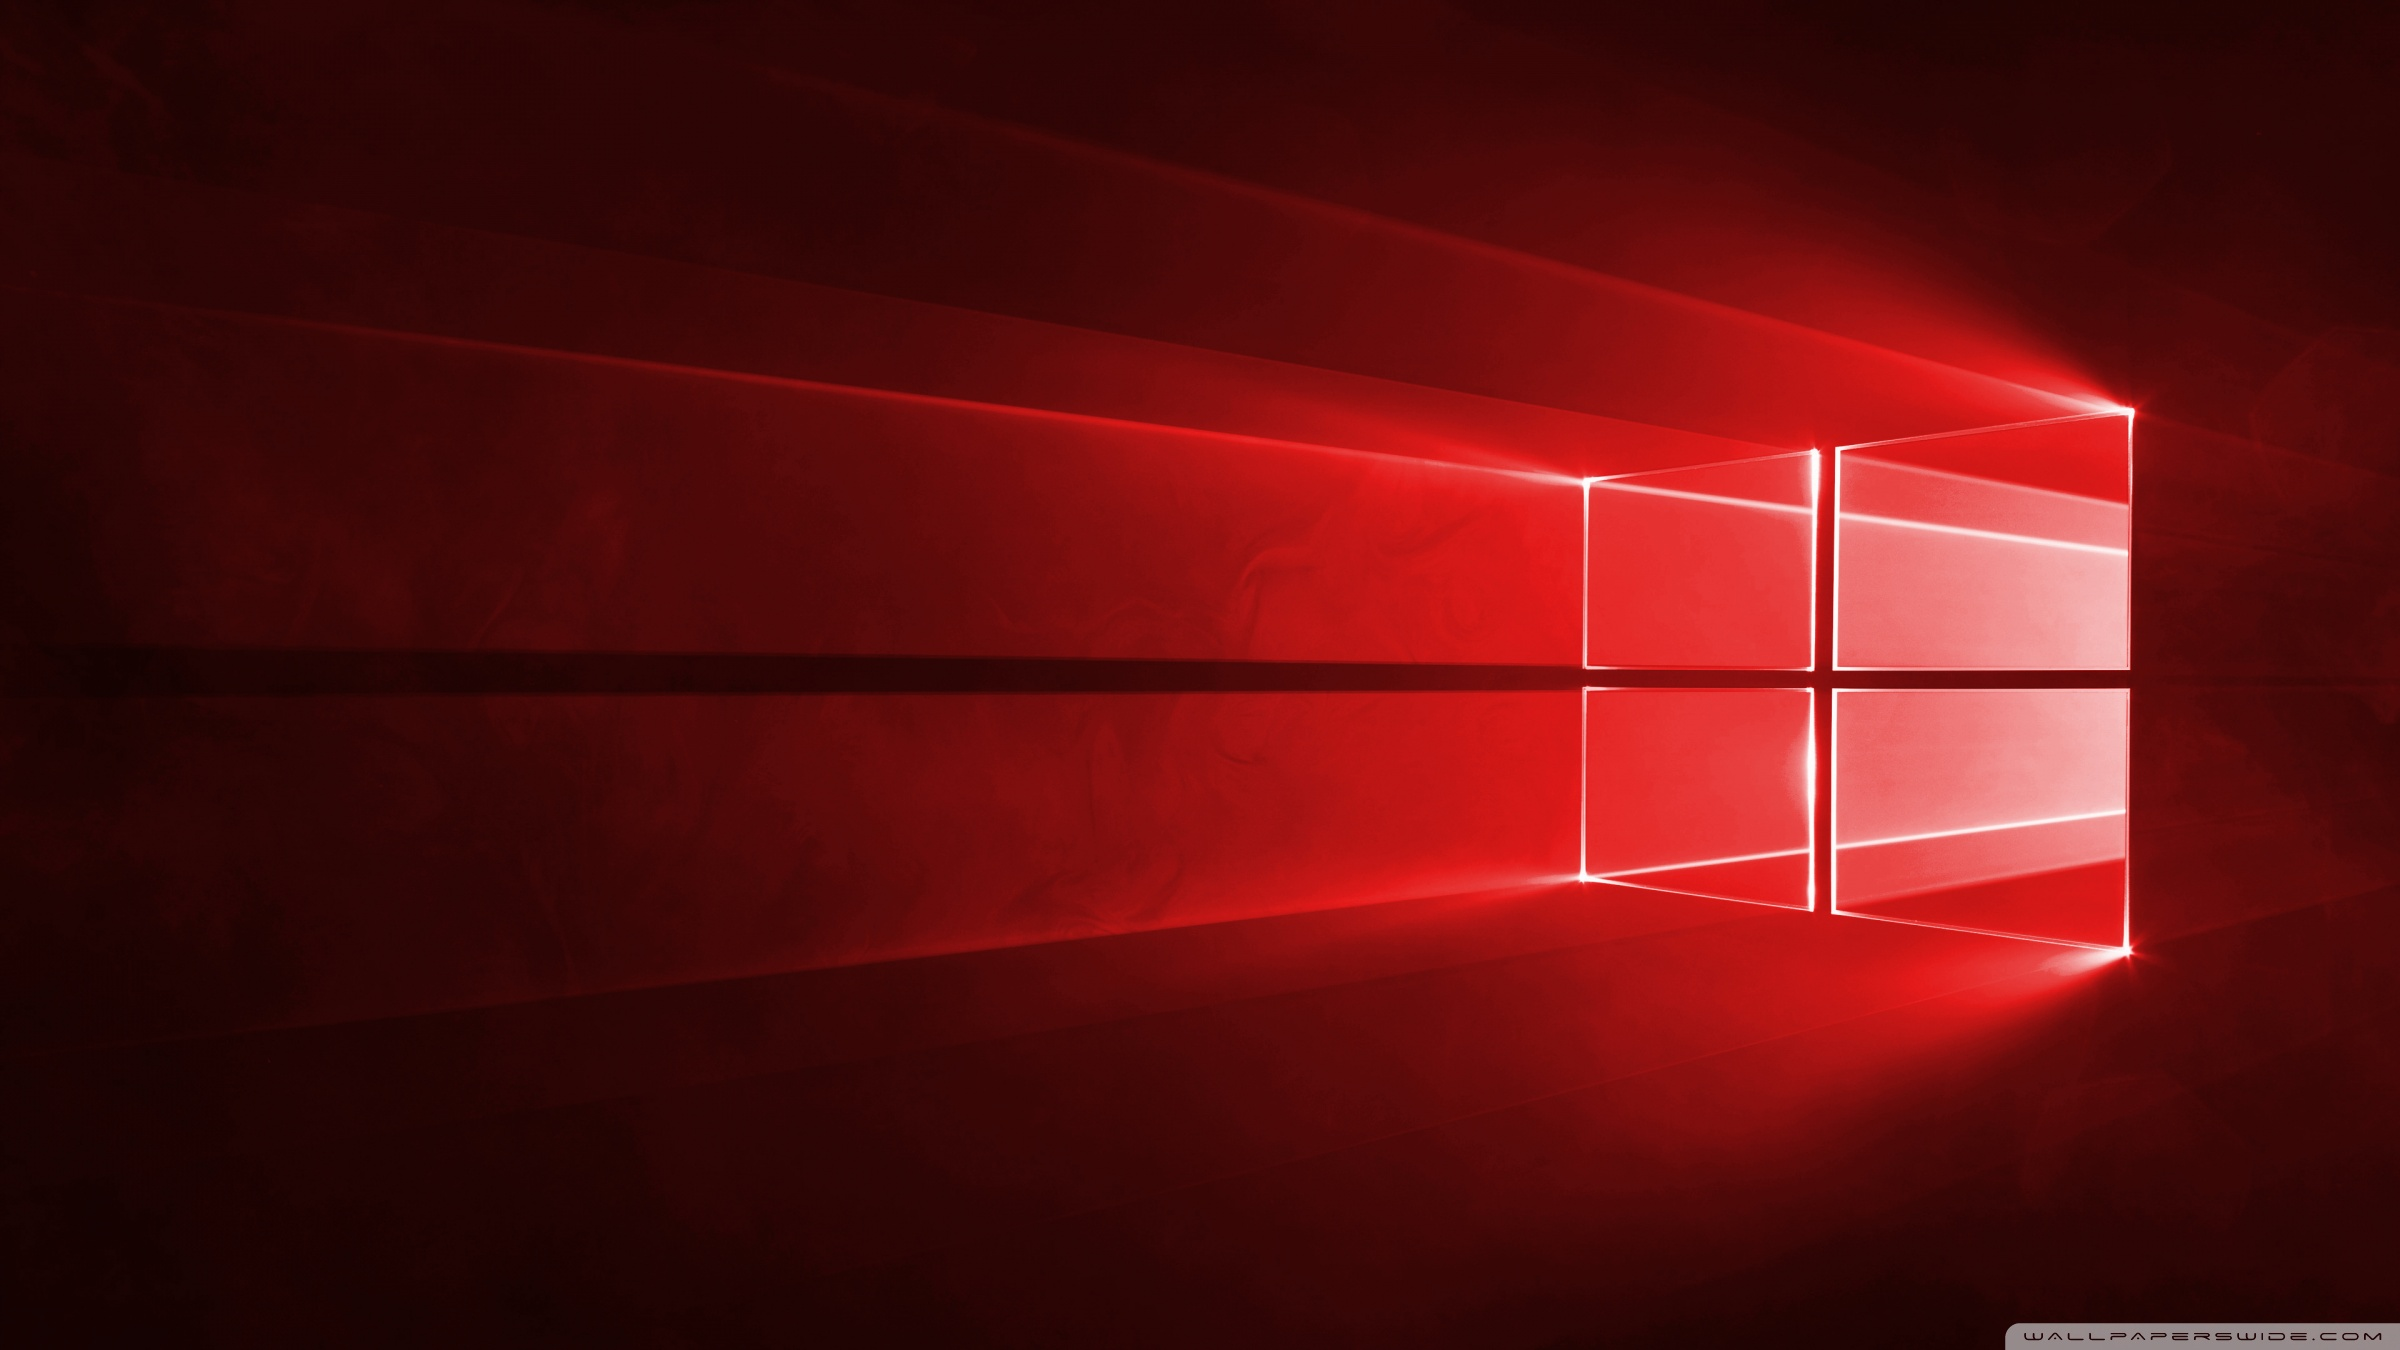 Windows 10 Red in 4K 4K HD Desktop Wallpaper for Wide Ultra 2400x1350